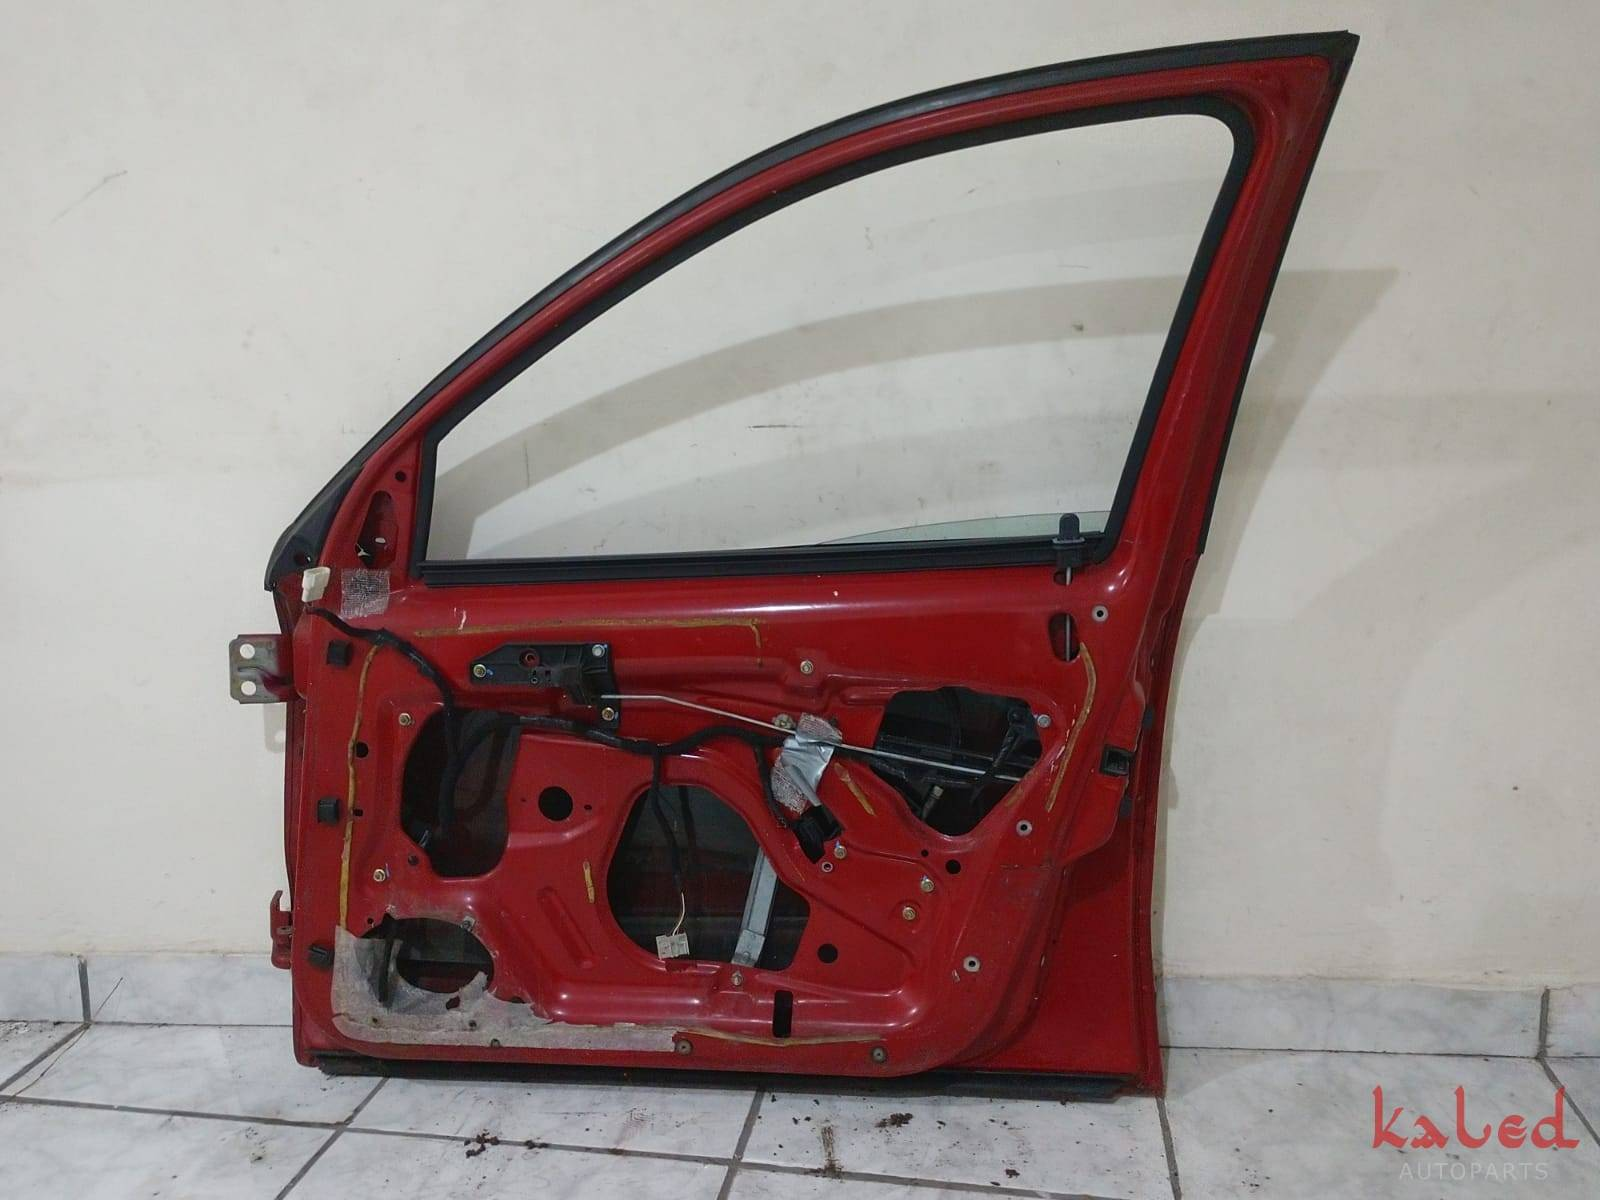 Porta dianteira direita Fiat Marea - Kaled Auto Parts